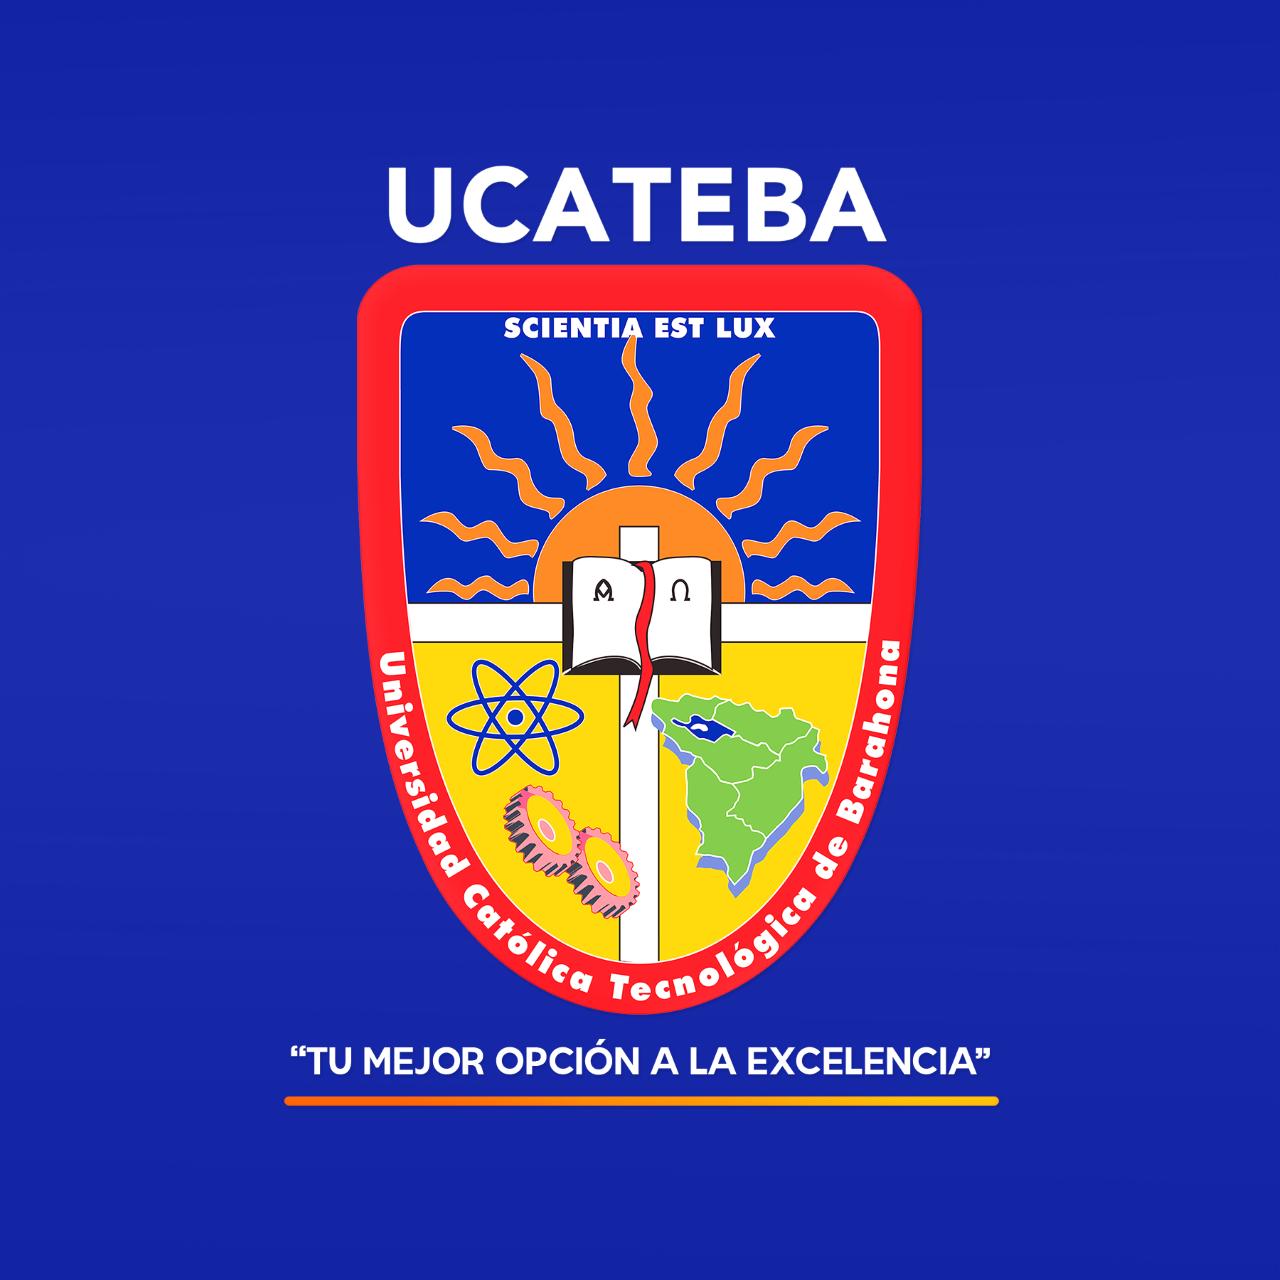 UNIVERSIDAD DE AVANZADA